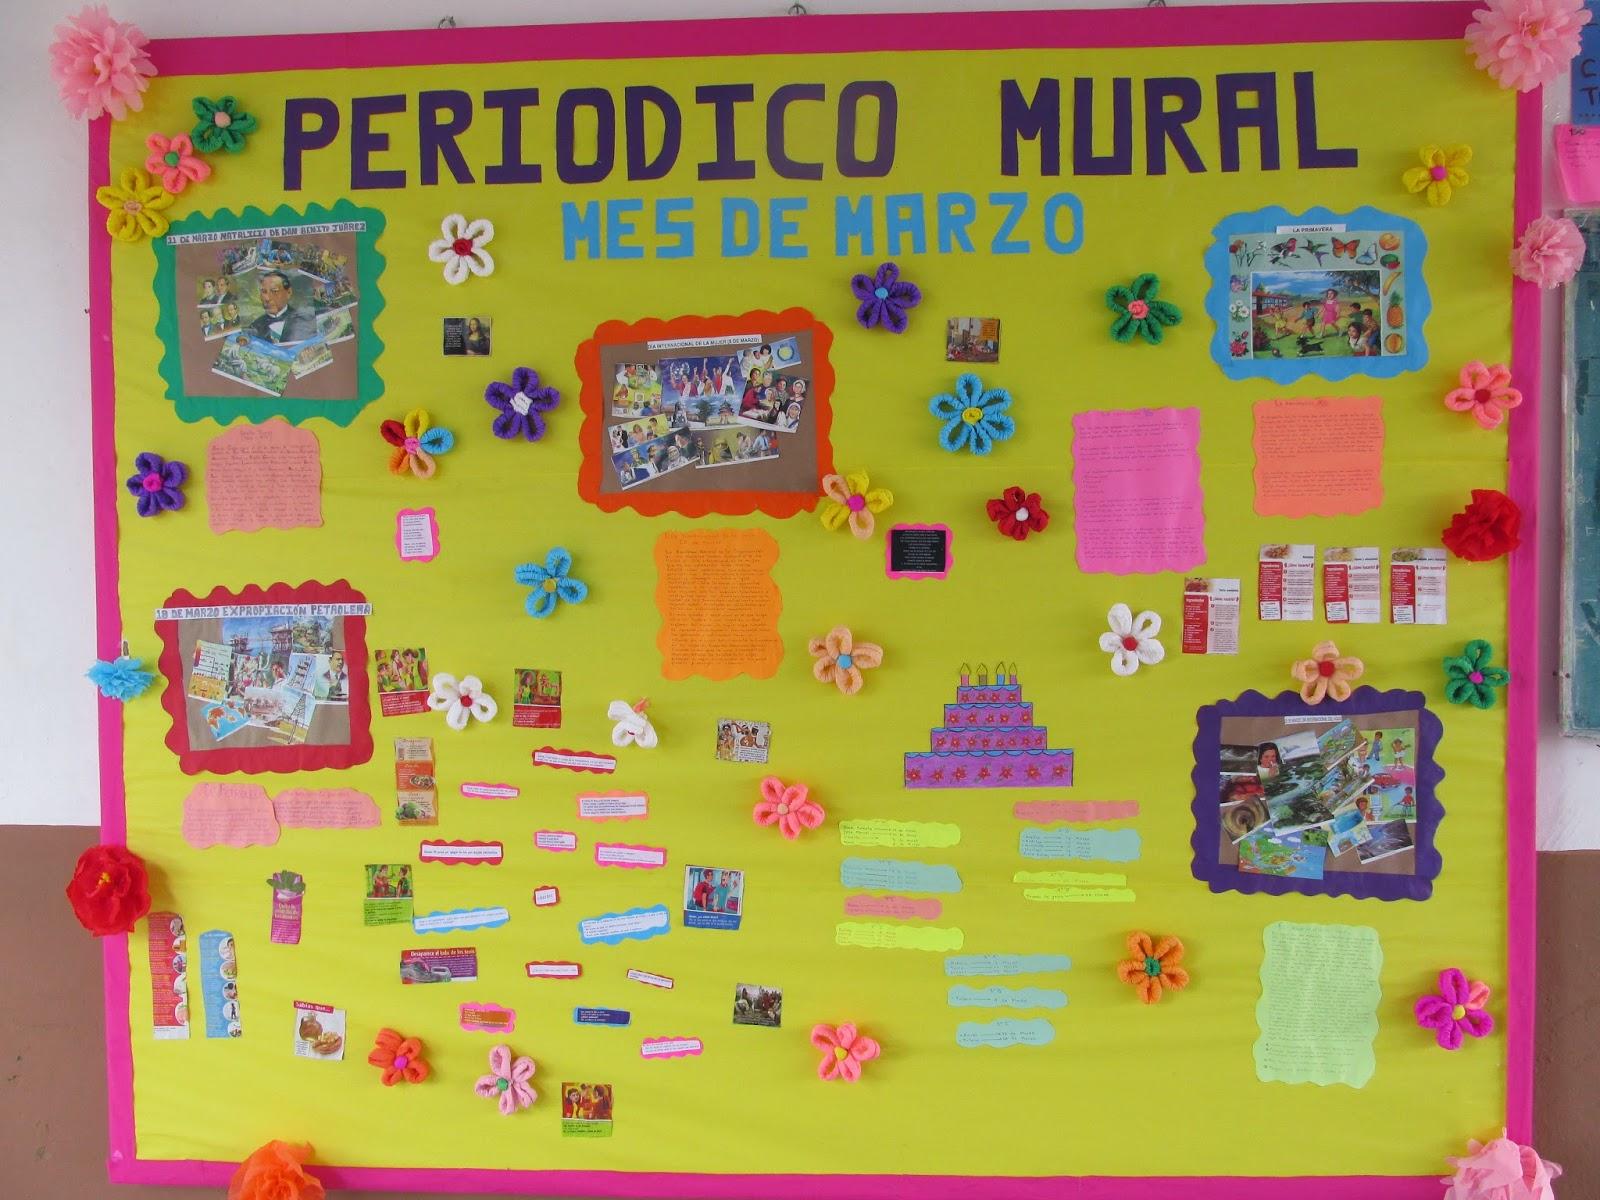 Peri dico mural marzo 7 imagenes educativas for Editorial de un periodico mural